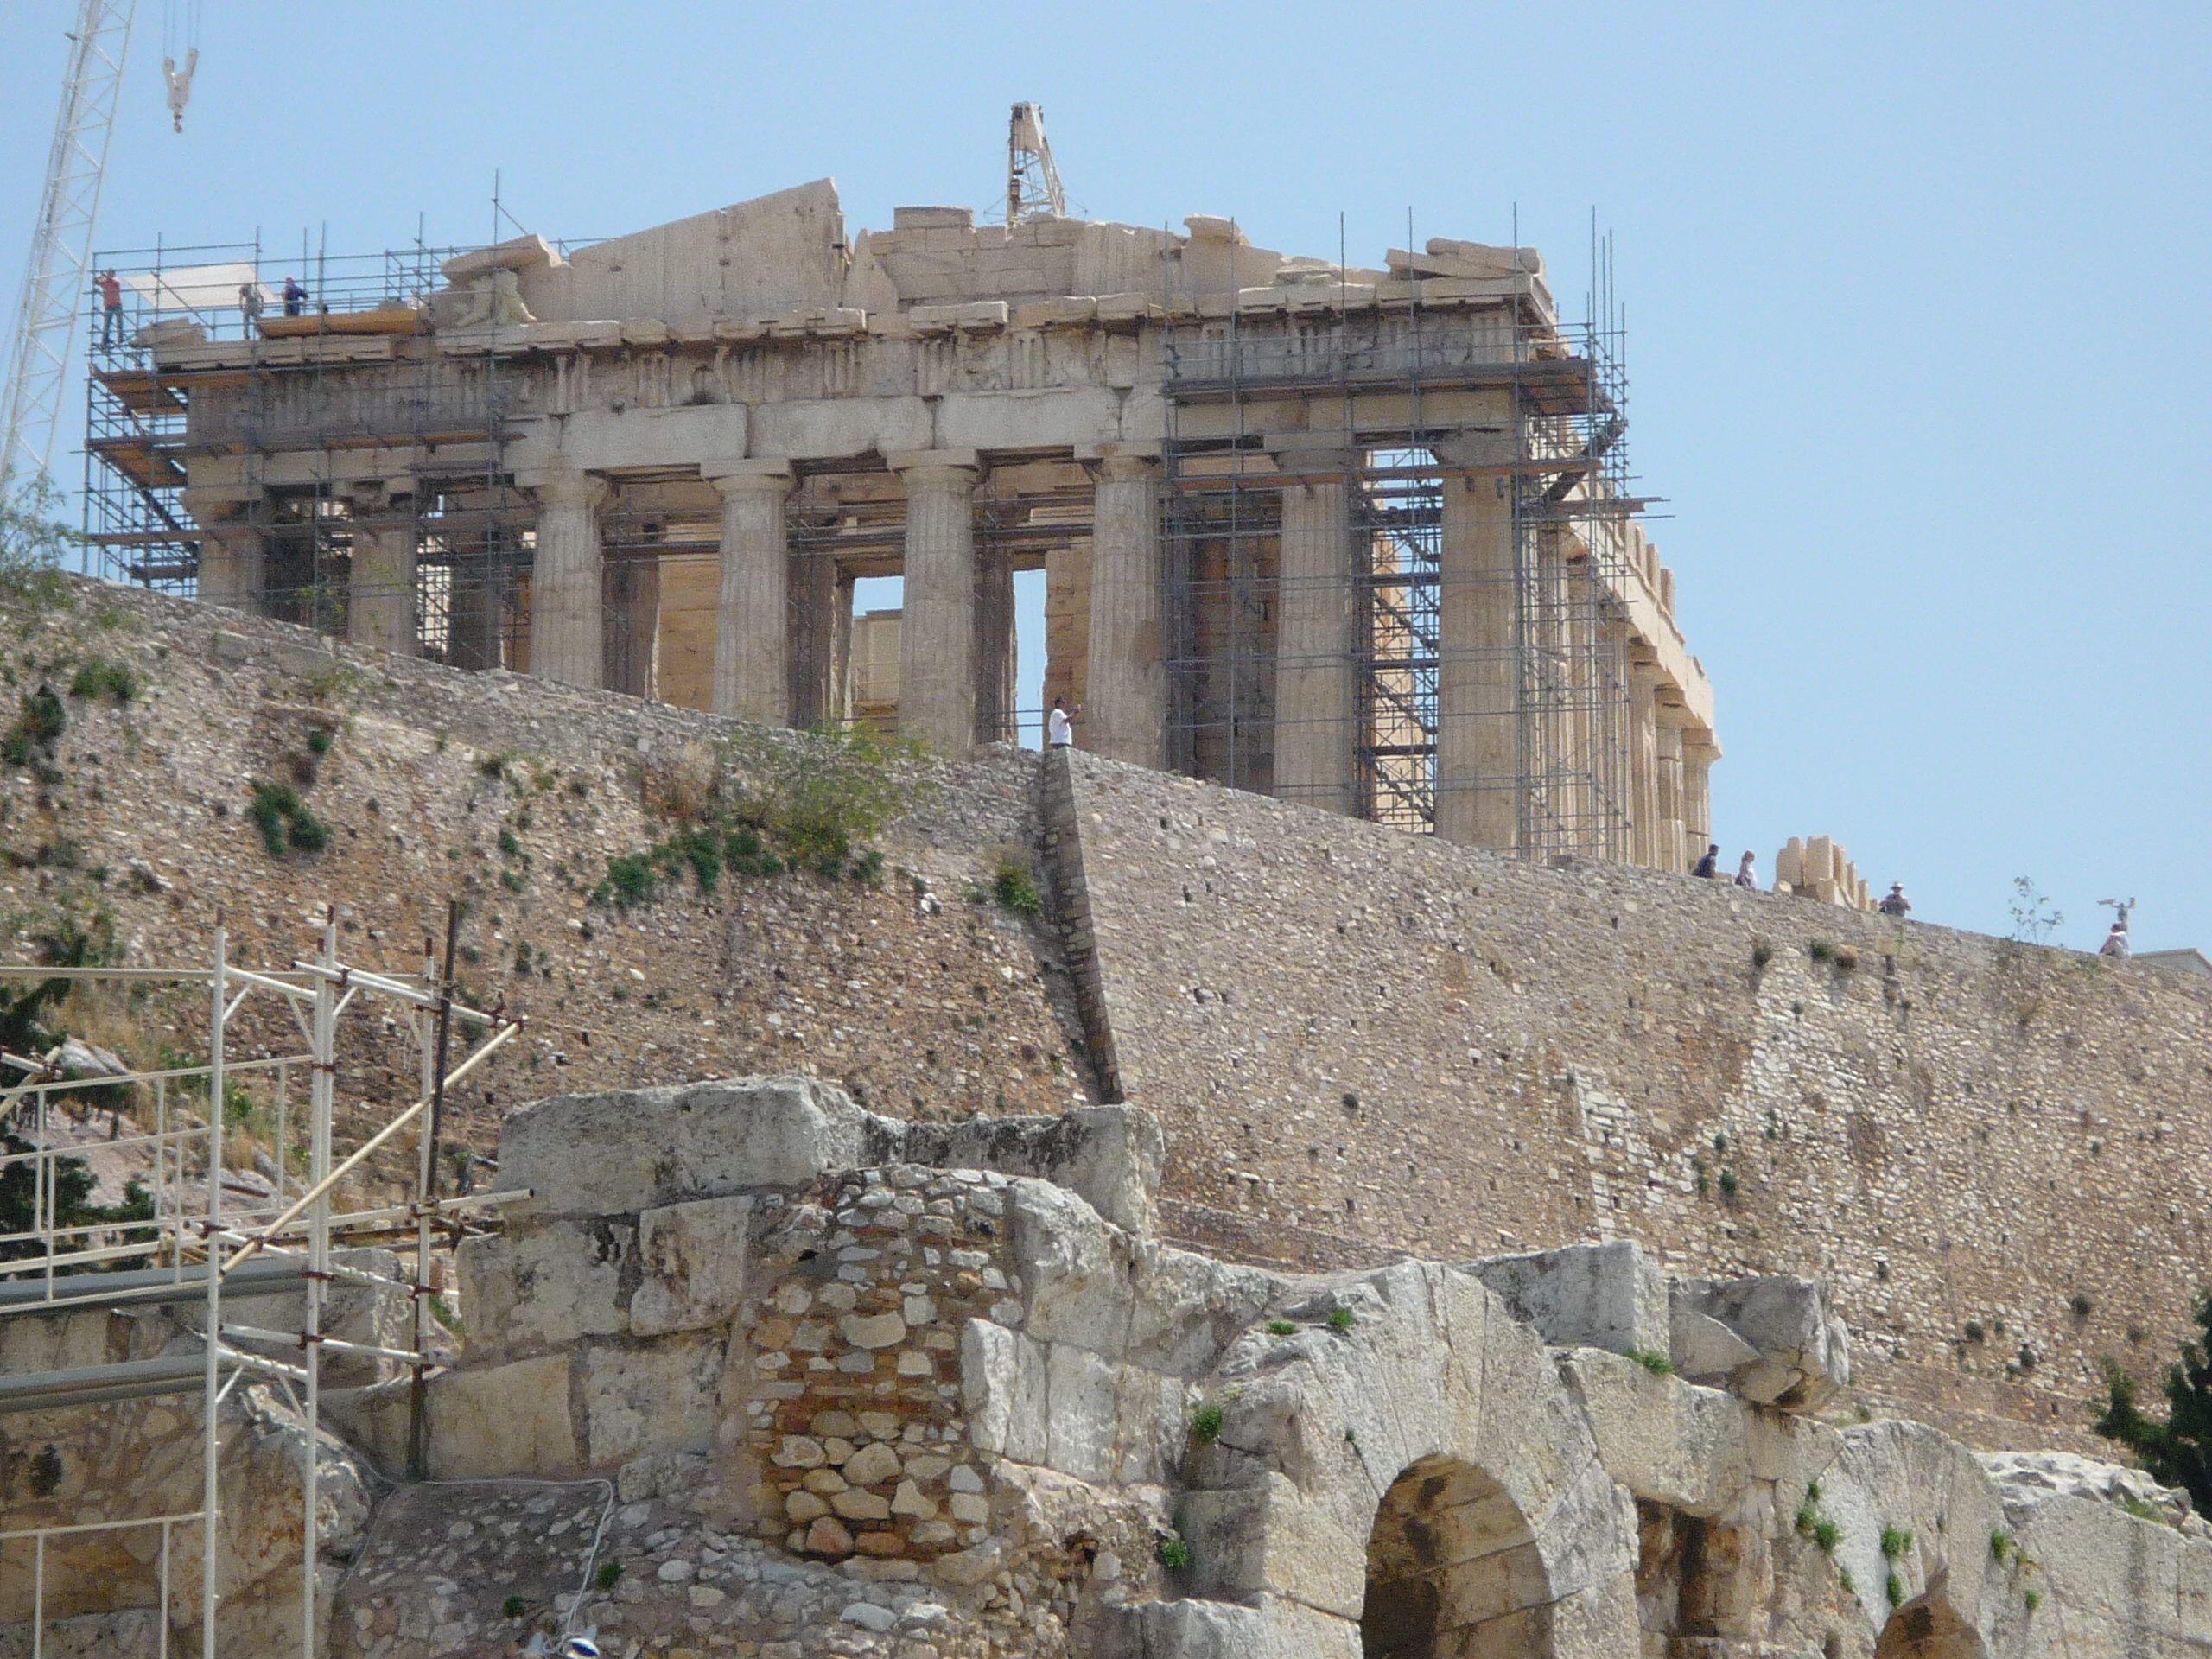 Kostenlose Bild: antike, griechische, Tempel, Architektur, Wiederaufbau